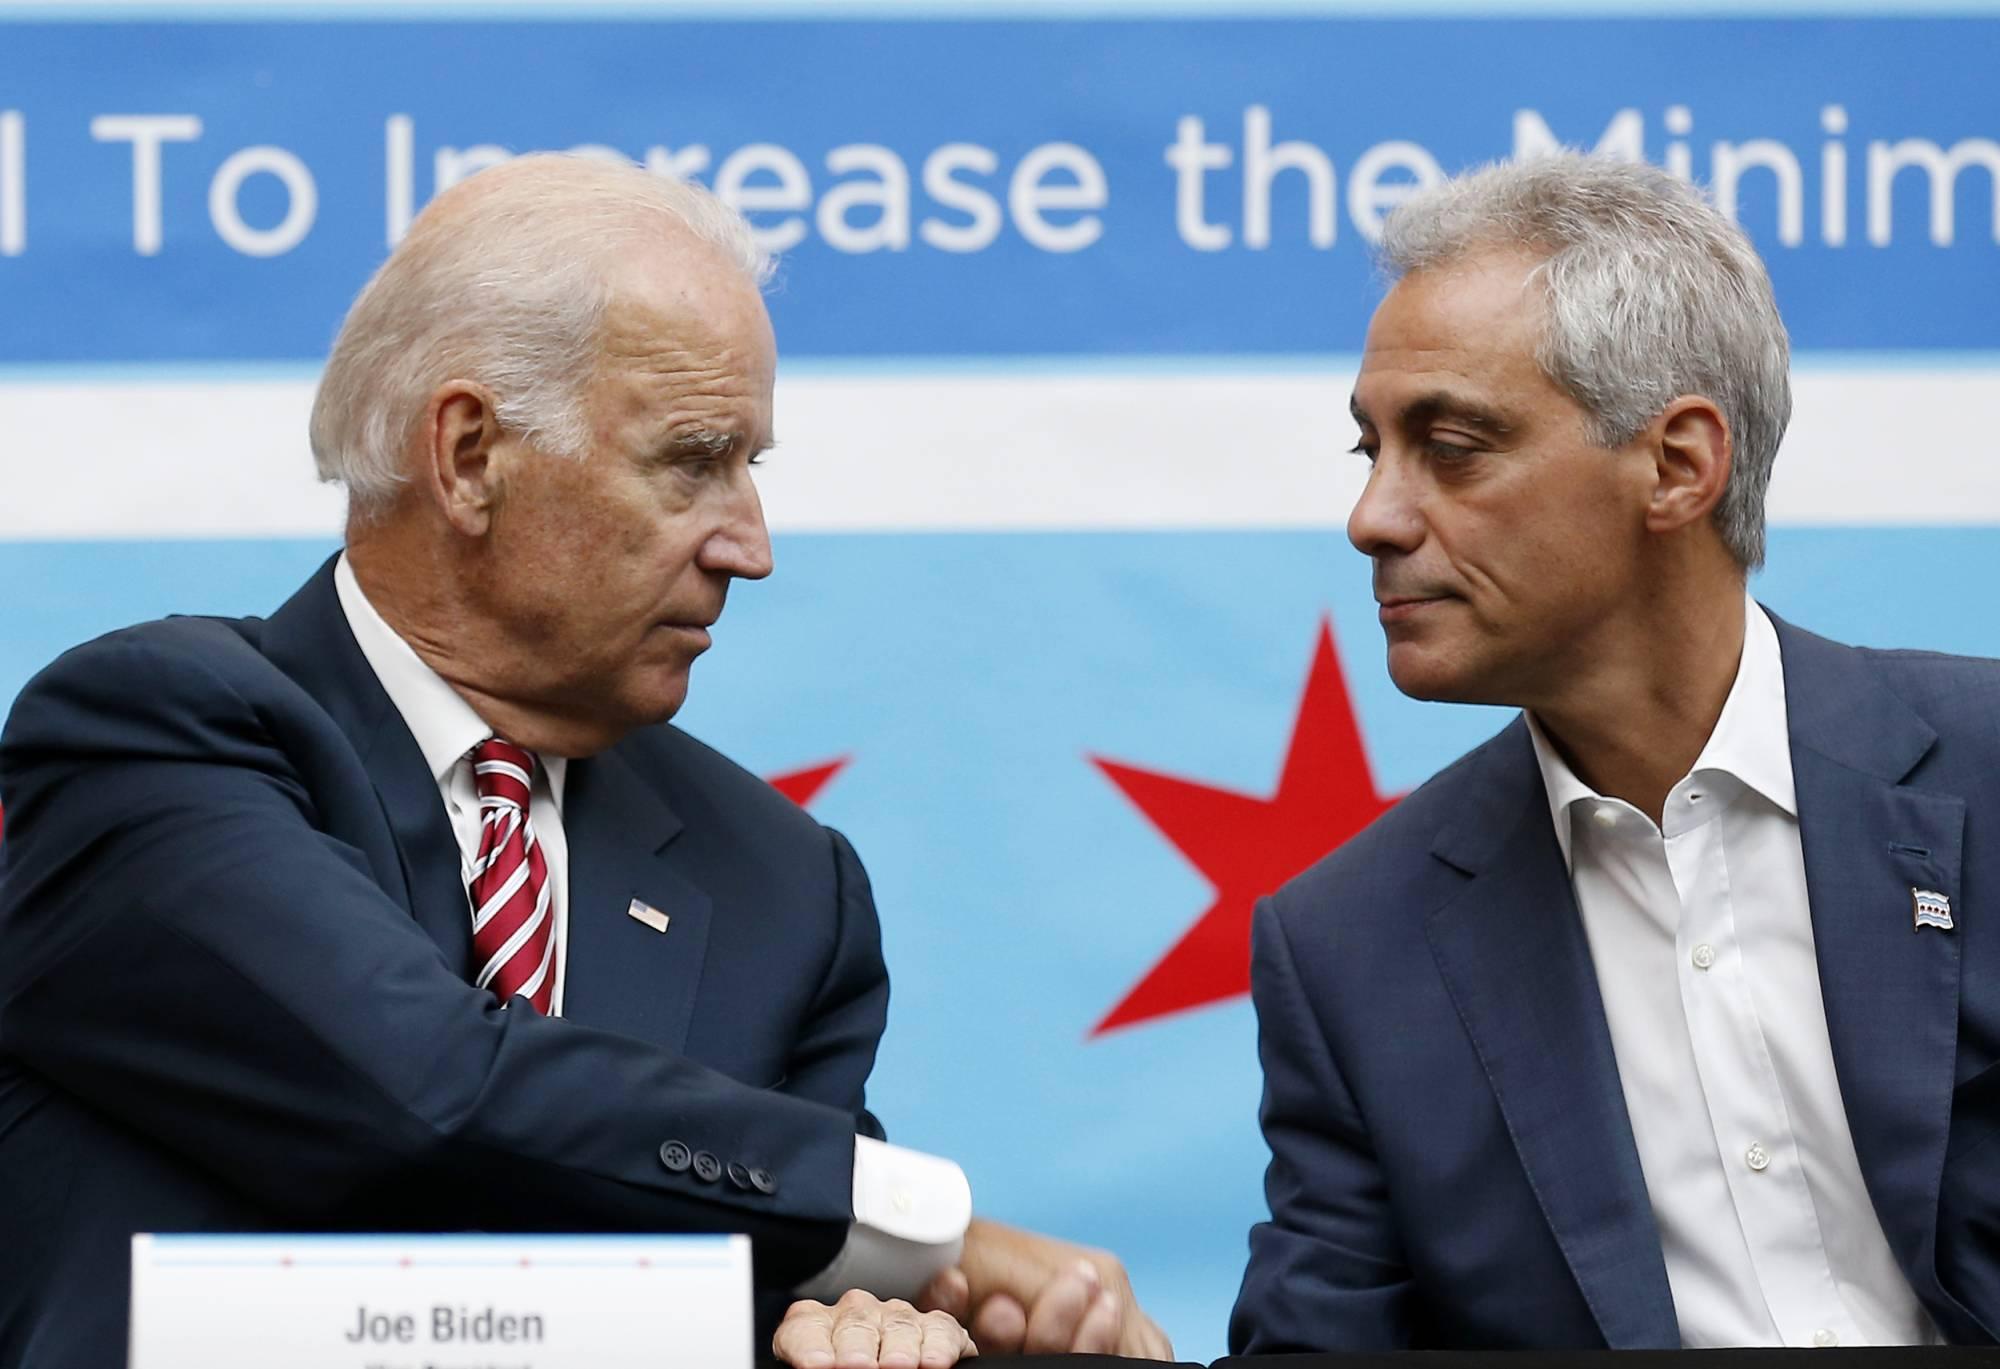 拜登将任命前芝加哥市长伊曼纽尔担任驻日大使